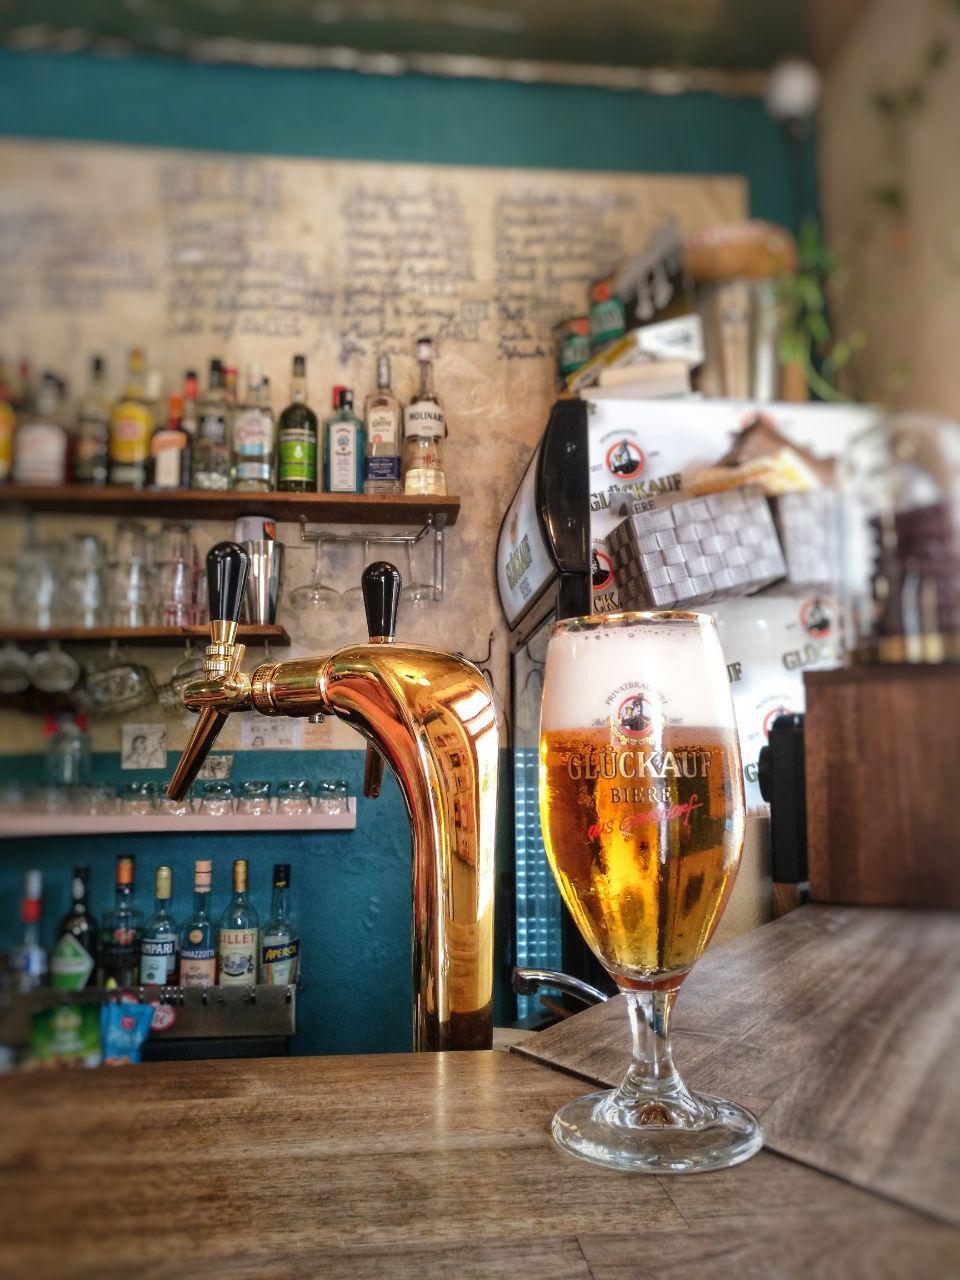 Bier vom Fass mit goldenem Zapfhahn